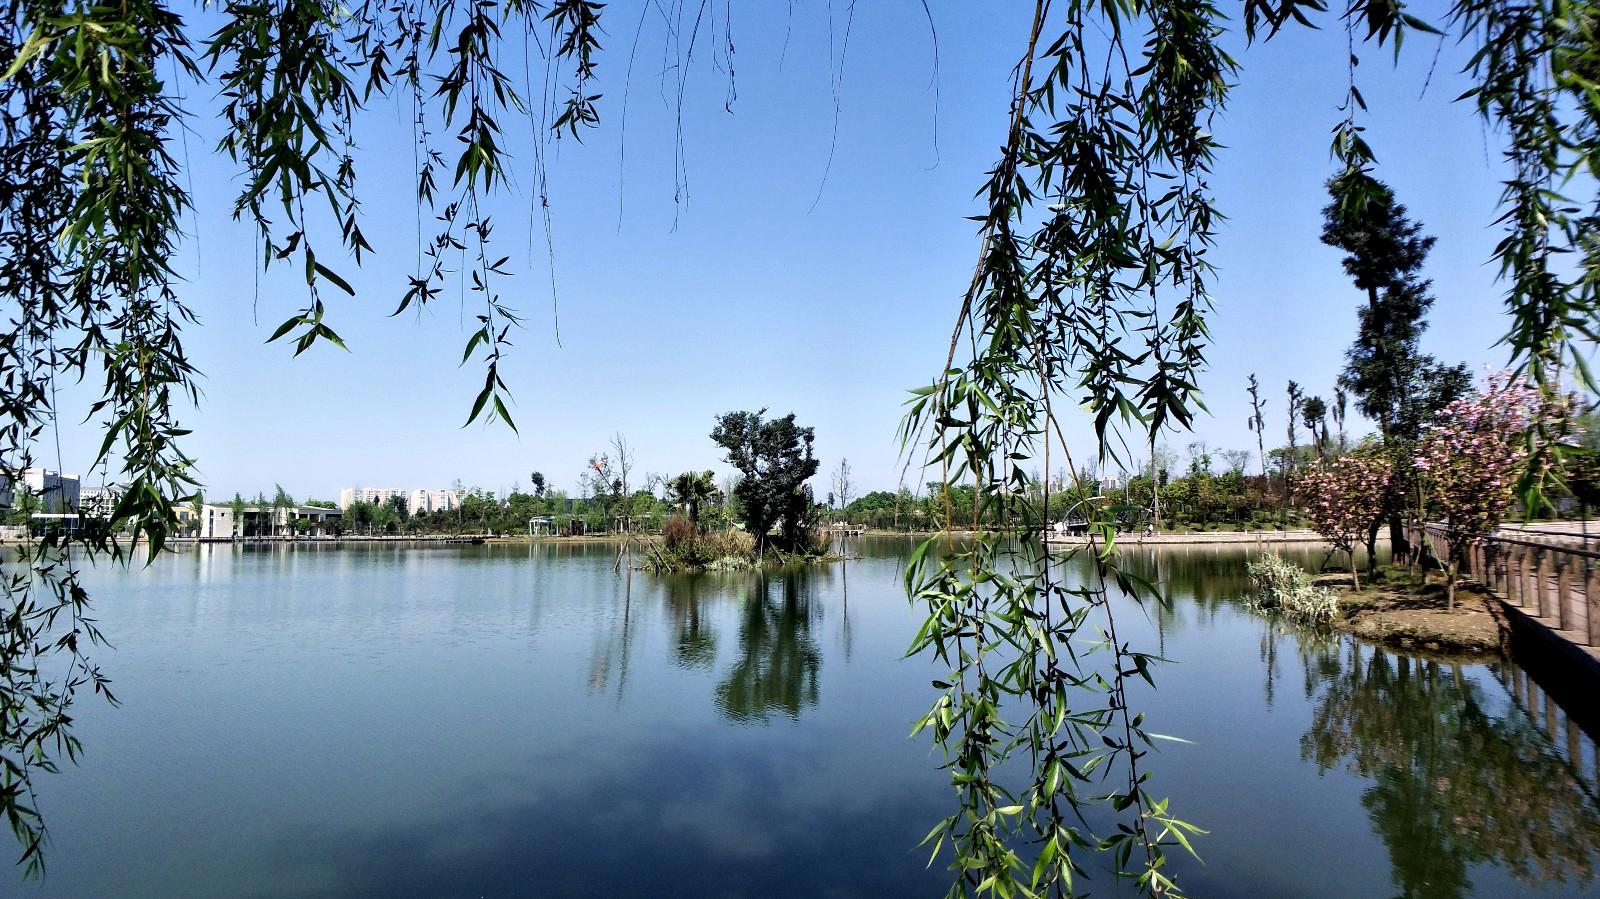 四川省成都市双流区凤翔湖市政森林公园